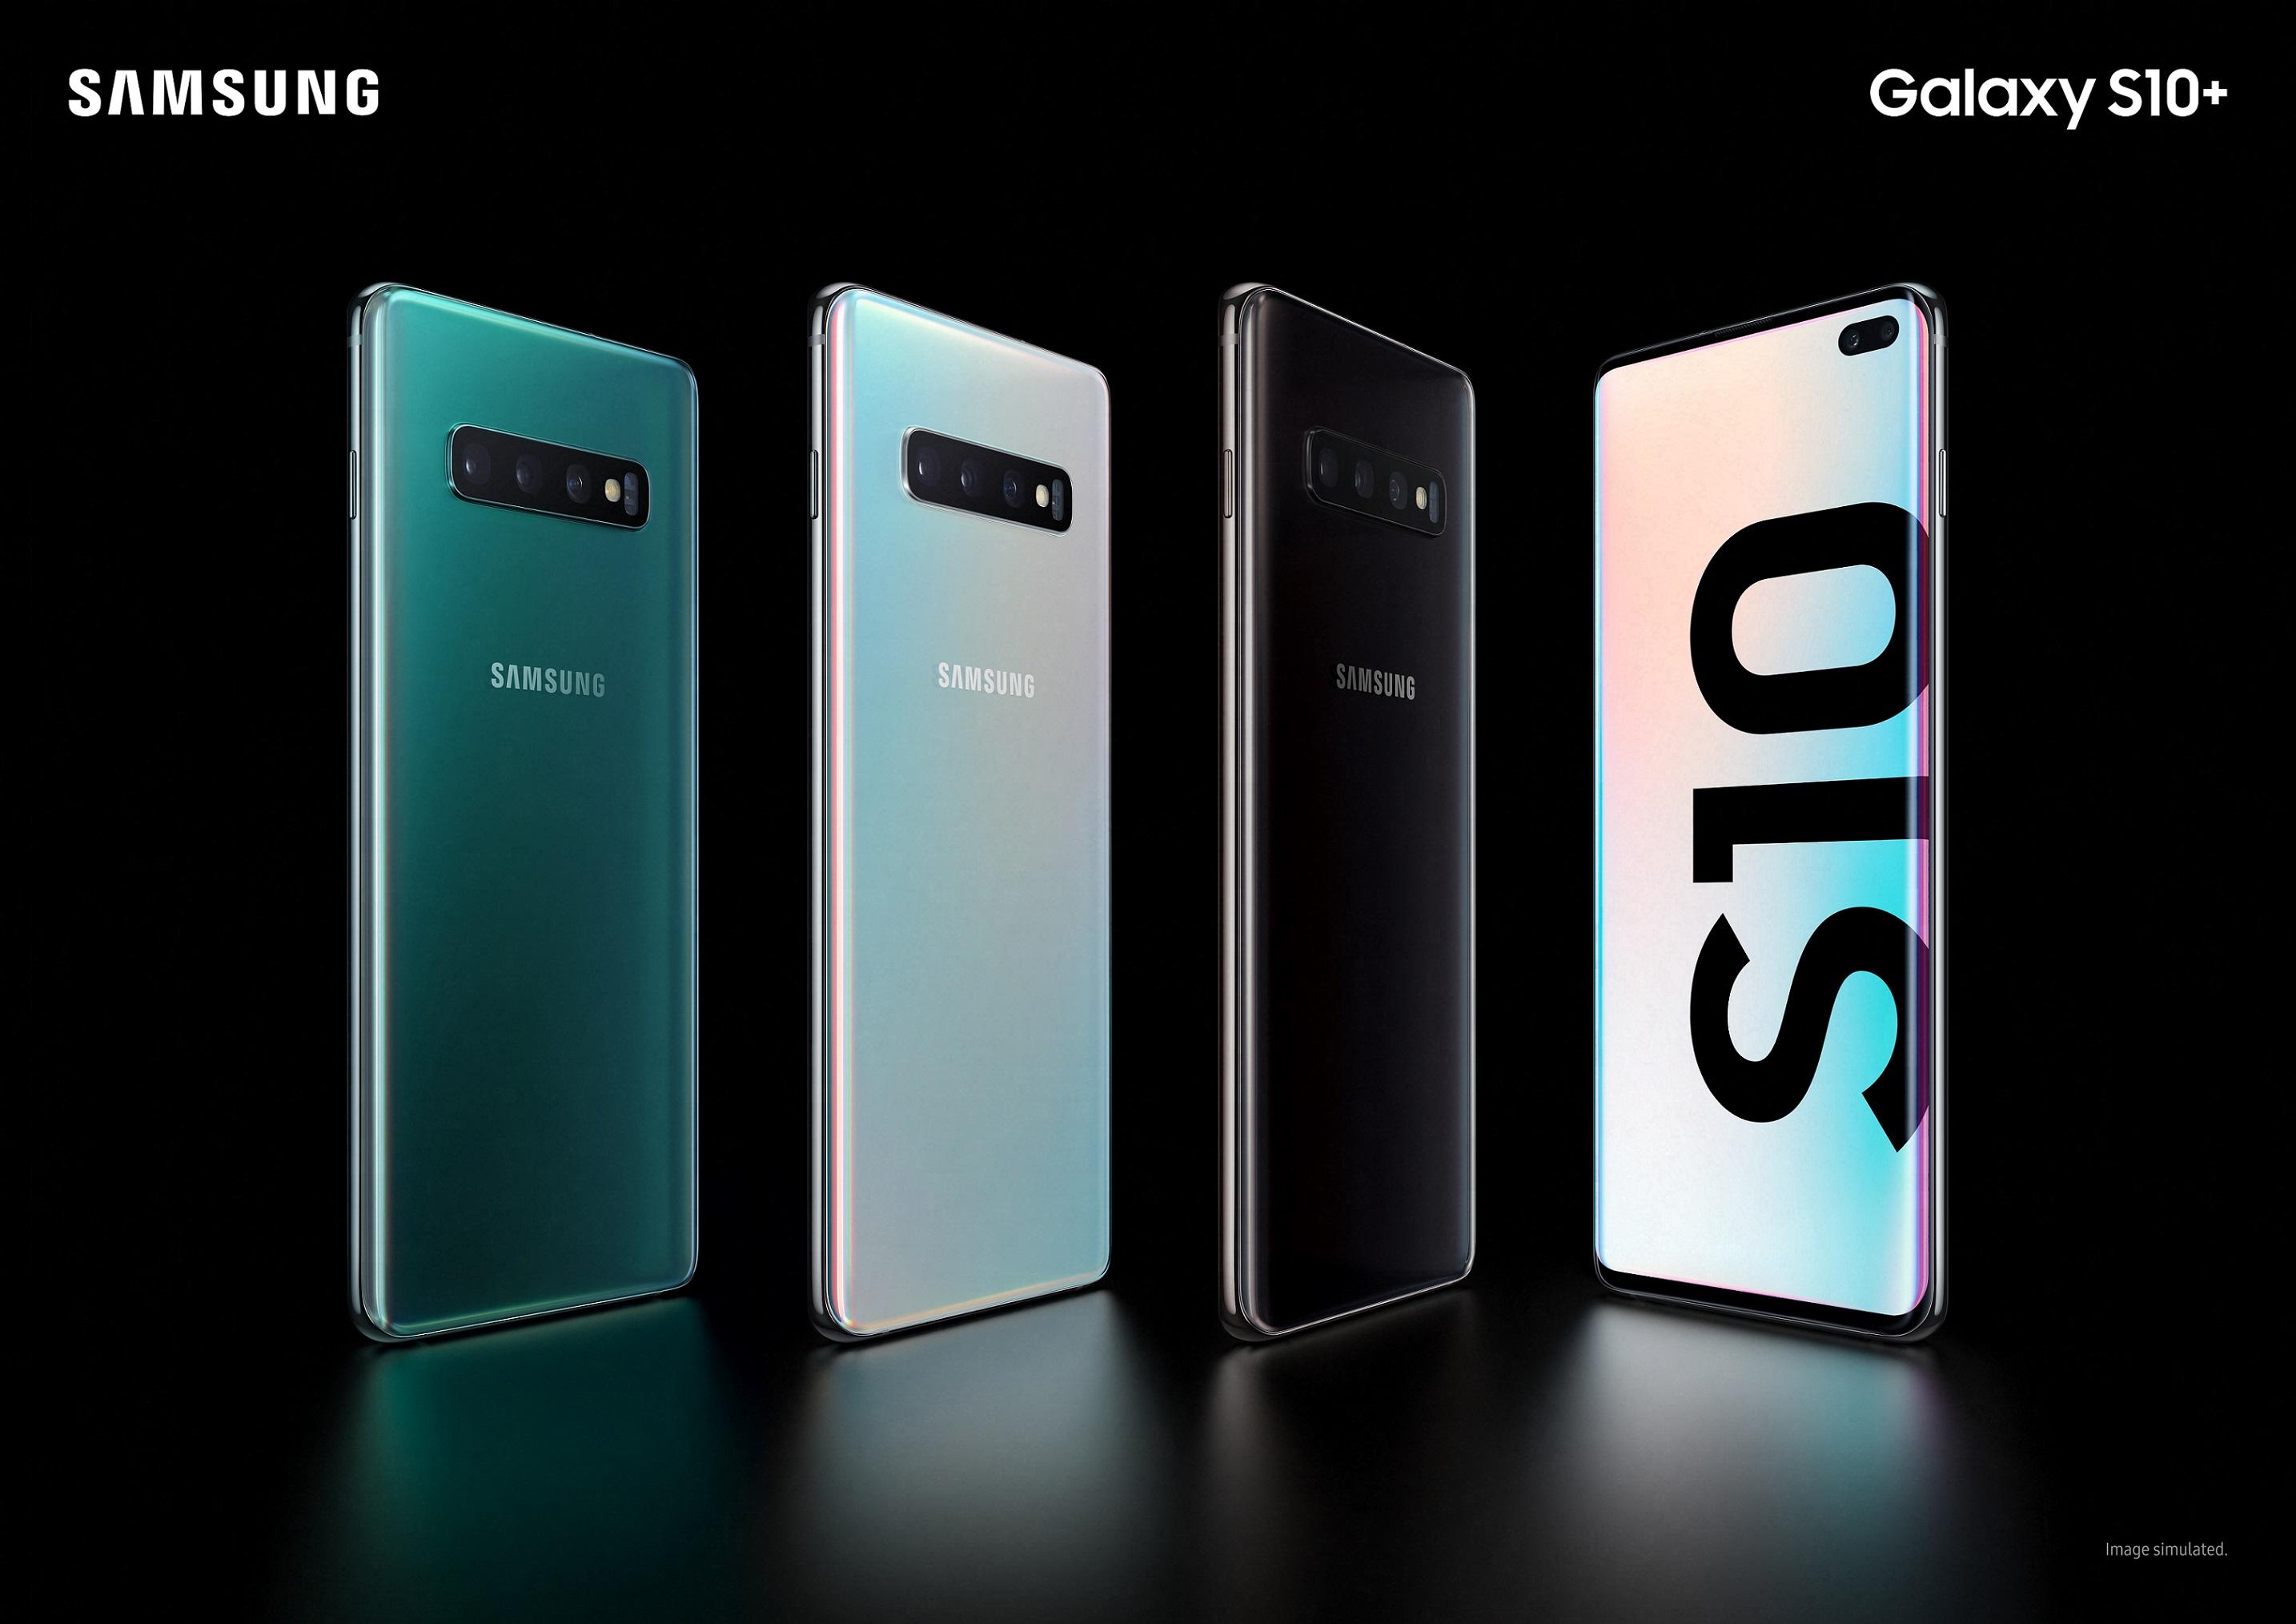 A Galaxy S10 okostelefonok úttörő funkcióit a legújabb piaci igények  alapján fejlesztette a gyártó. A sorozat három tagja innovatív 899d4760d2